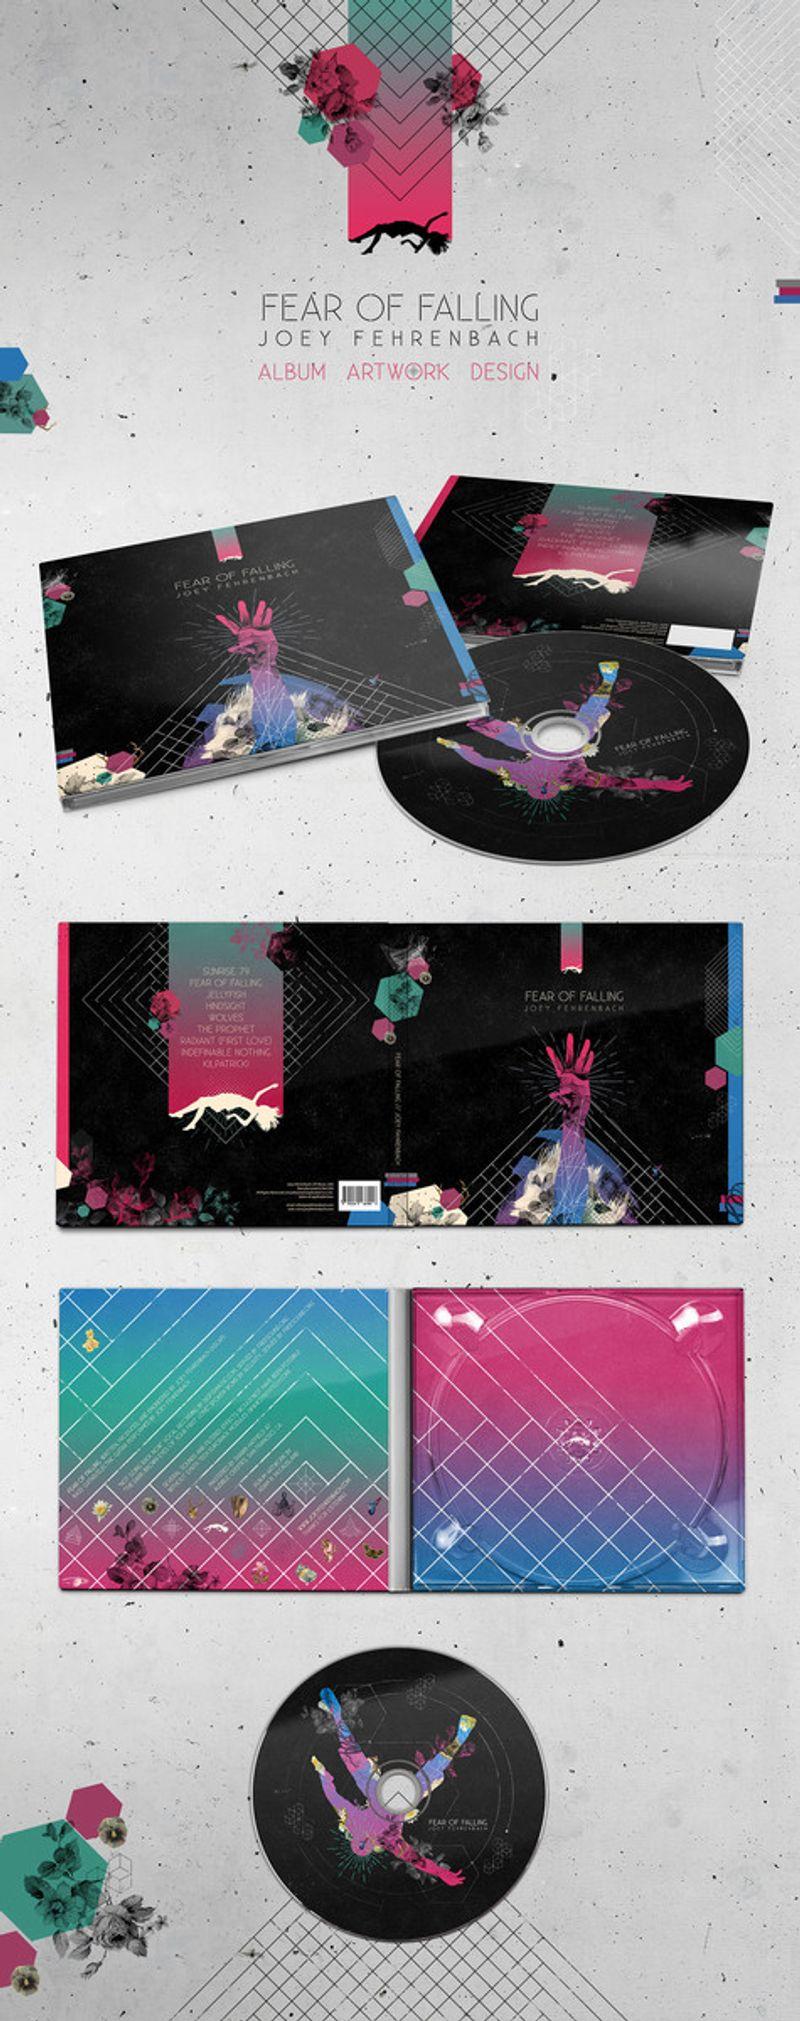 Joey Fehrenbach ' Fear of Falling' Album Cover Design